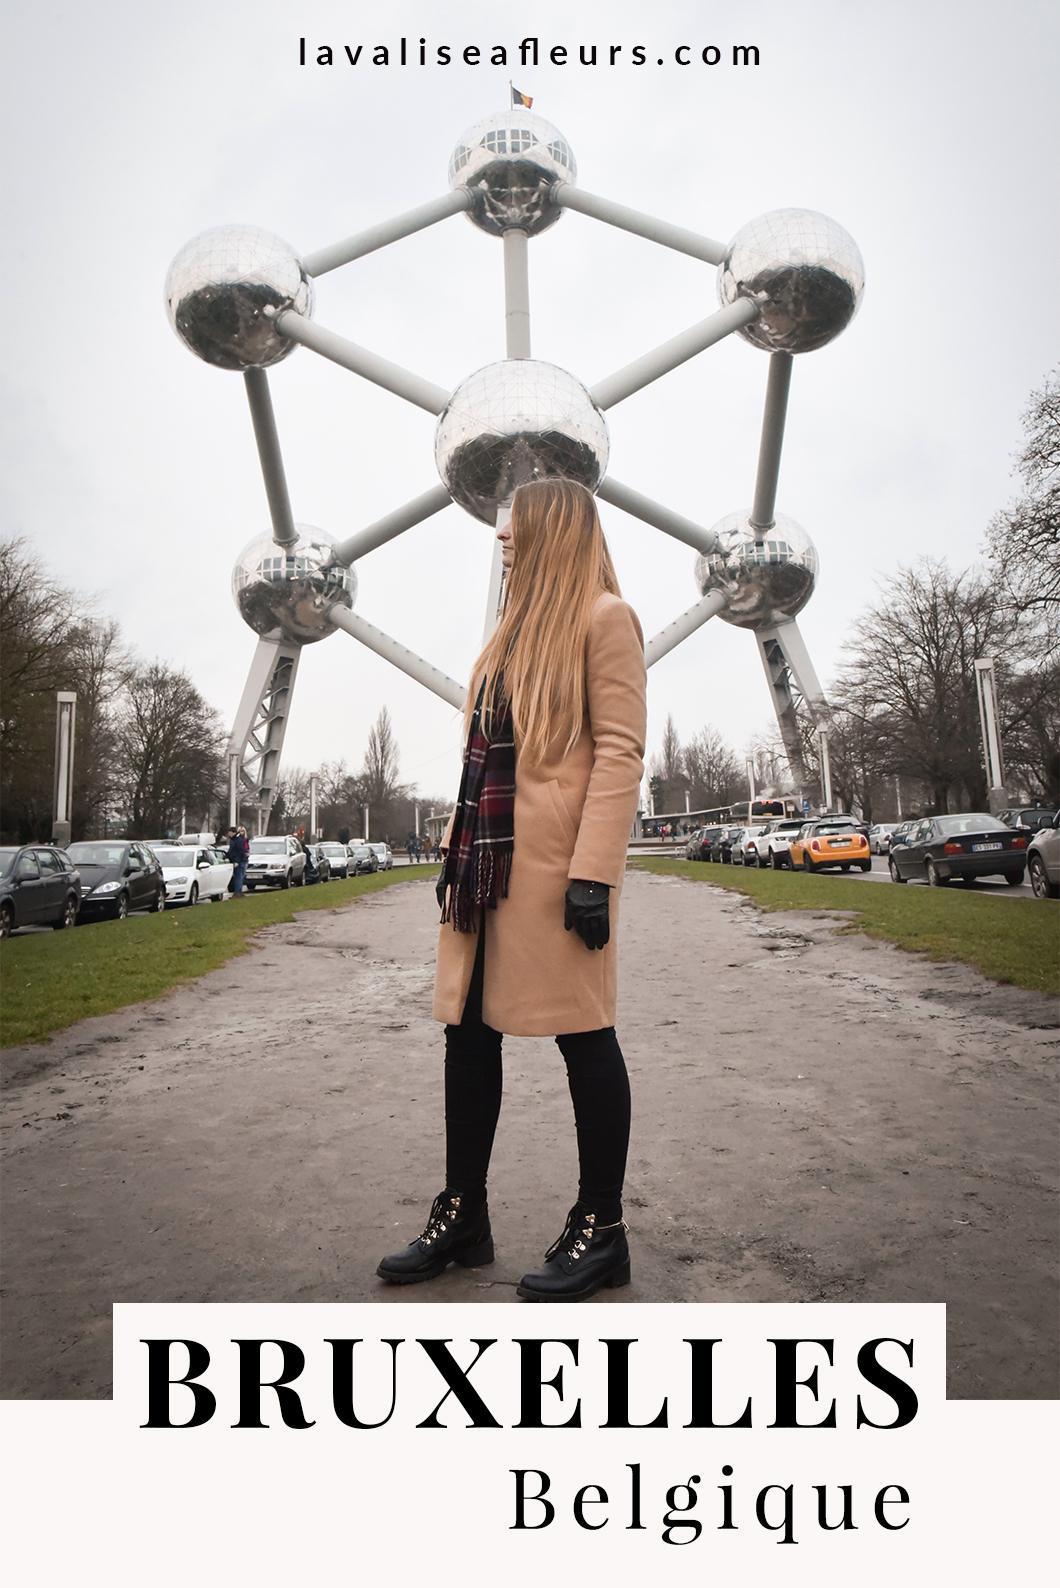 Que visiter à Bruxelles en Belgique ?